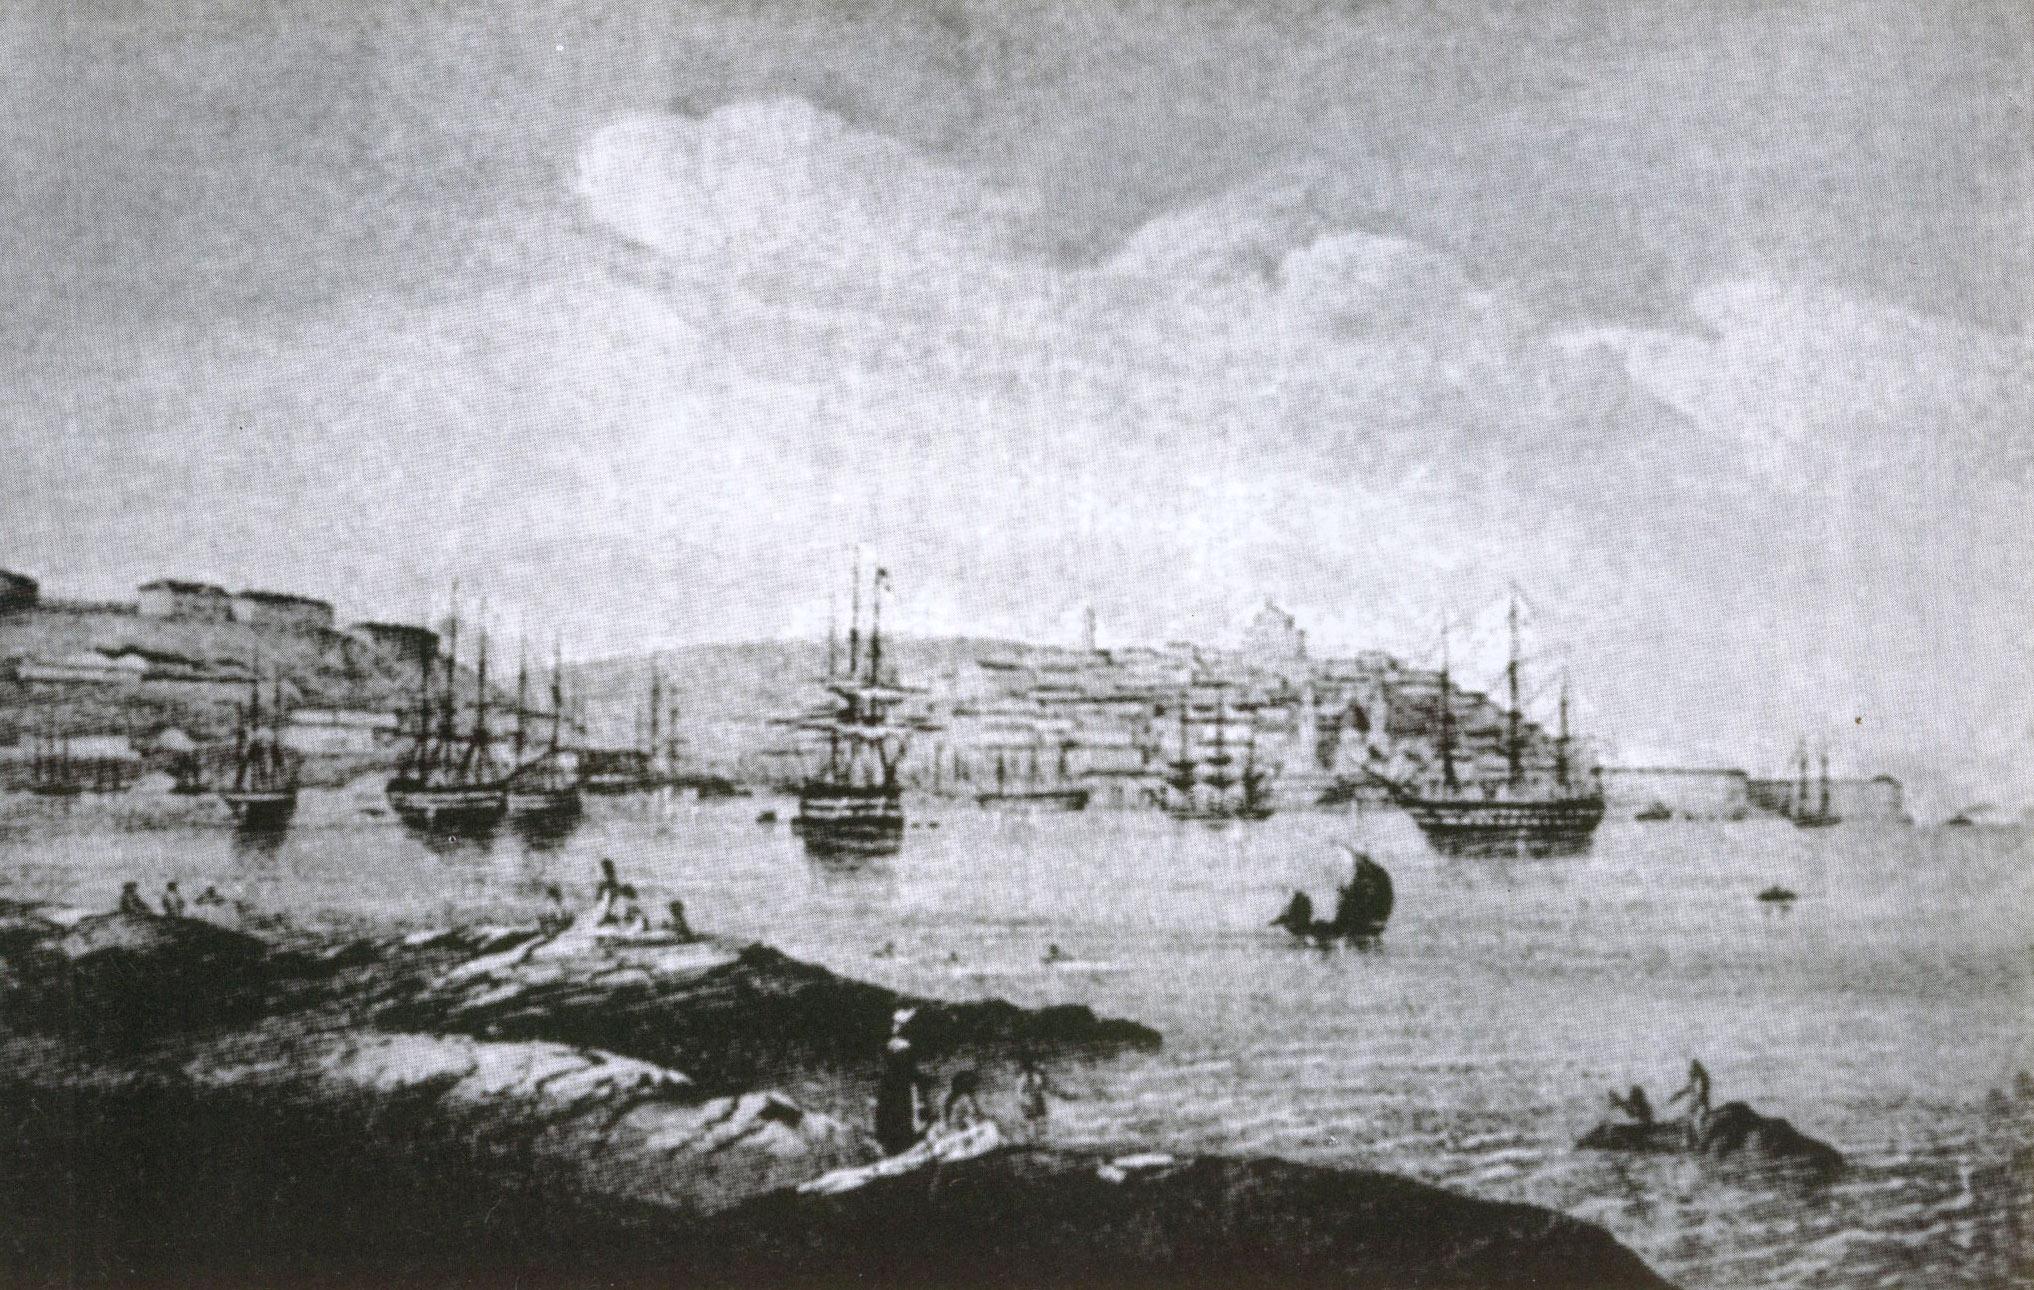 Вид Севастополя перед крымской войной. С рис. англ. офицера, из коллекции М.И. Кази